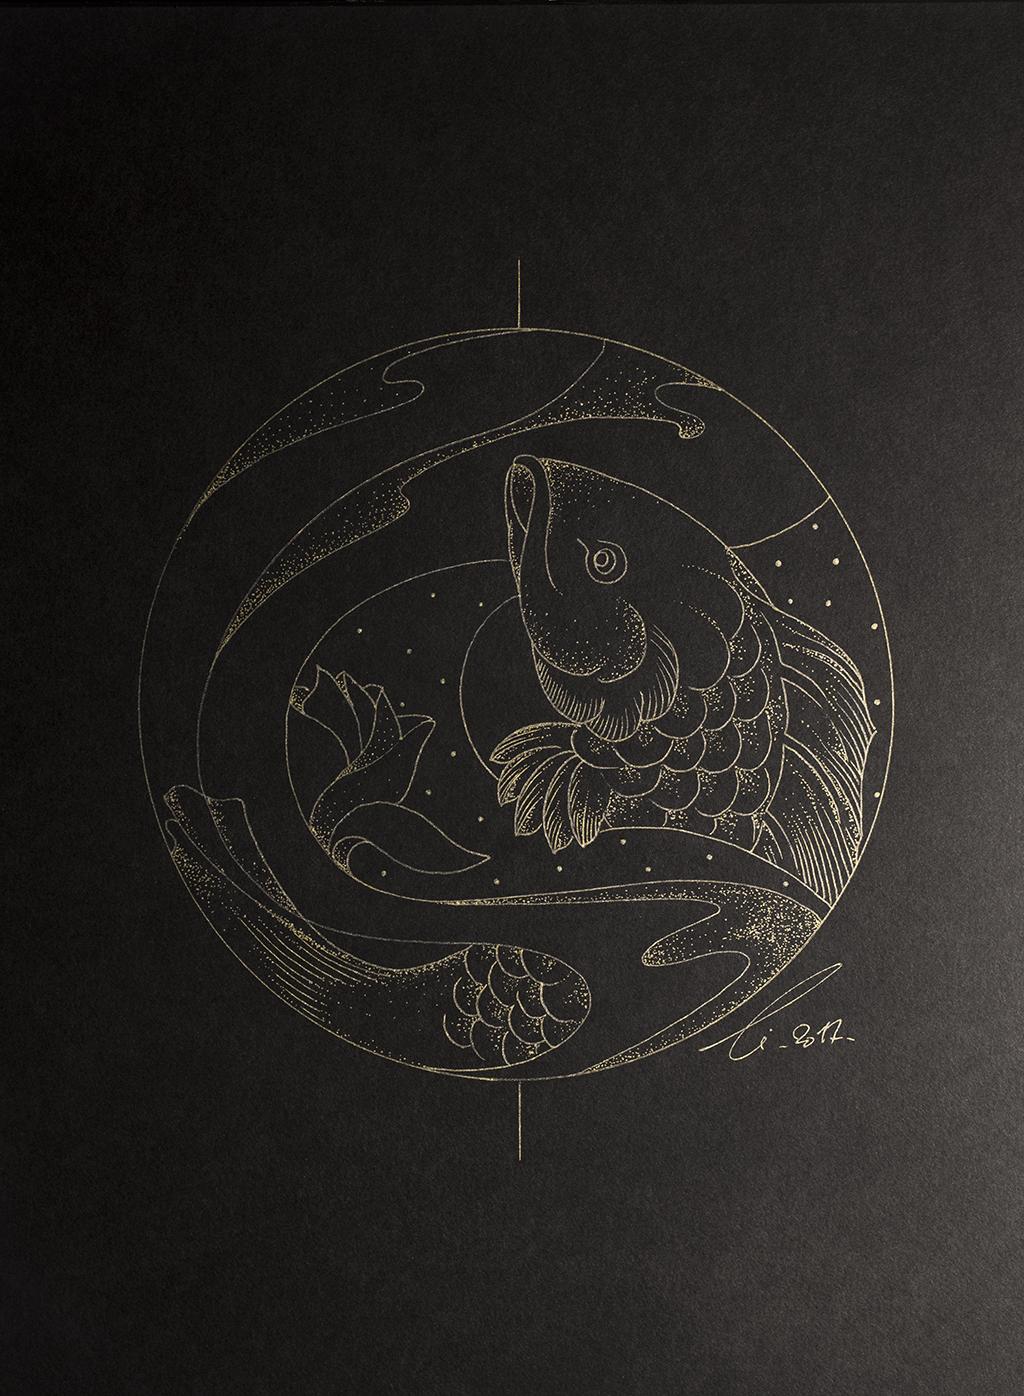 La carpe du fleuve Jaune, légende chinoise, dessin d'une carpe remontant le fleuve doré